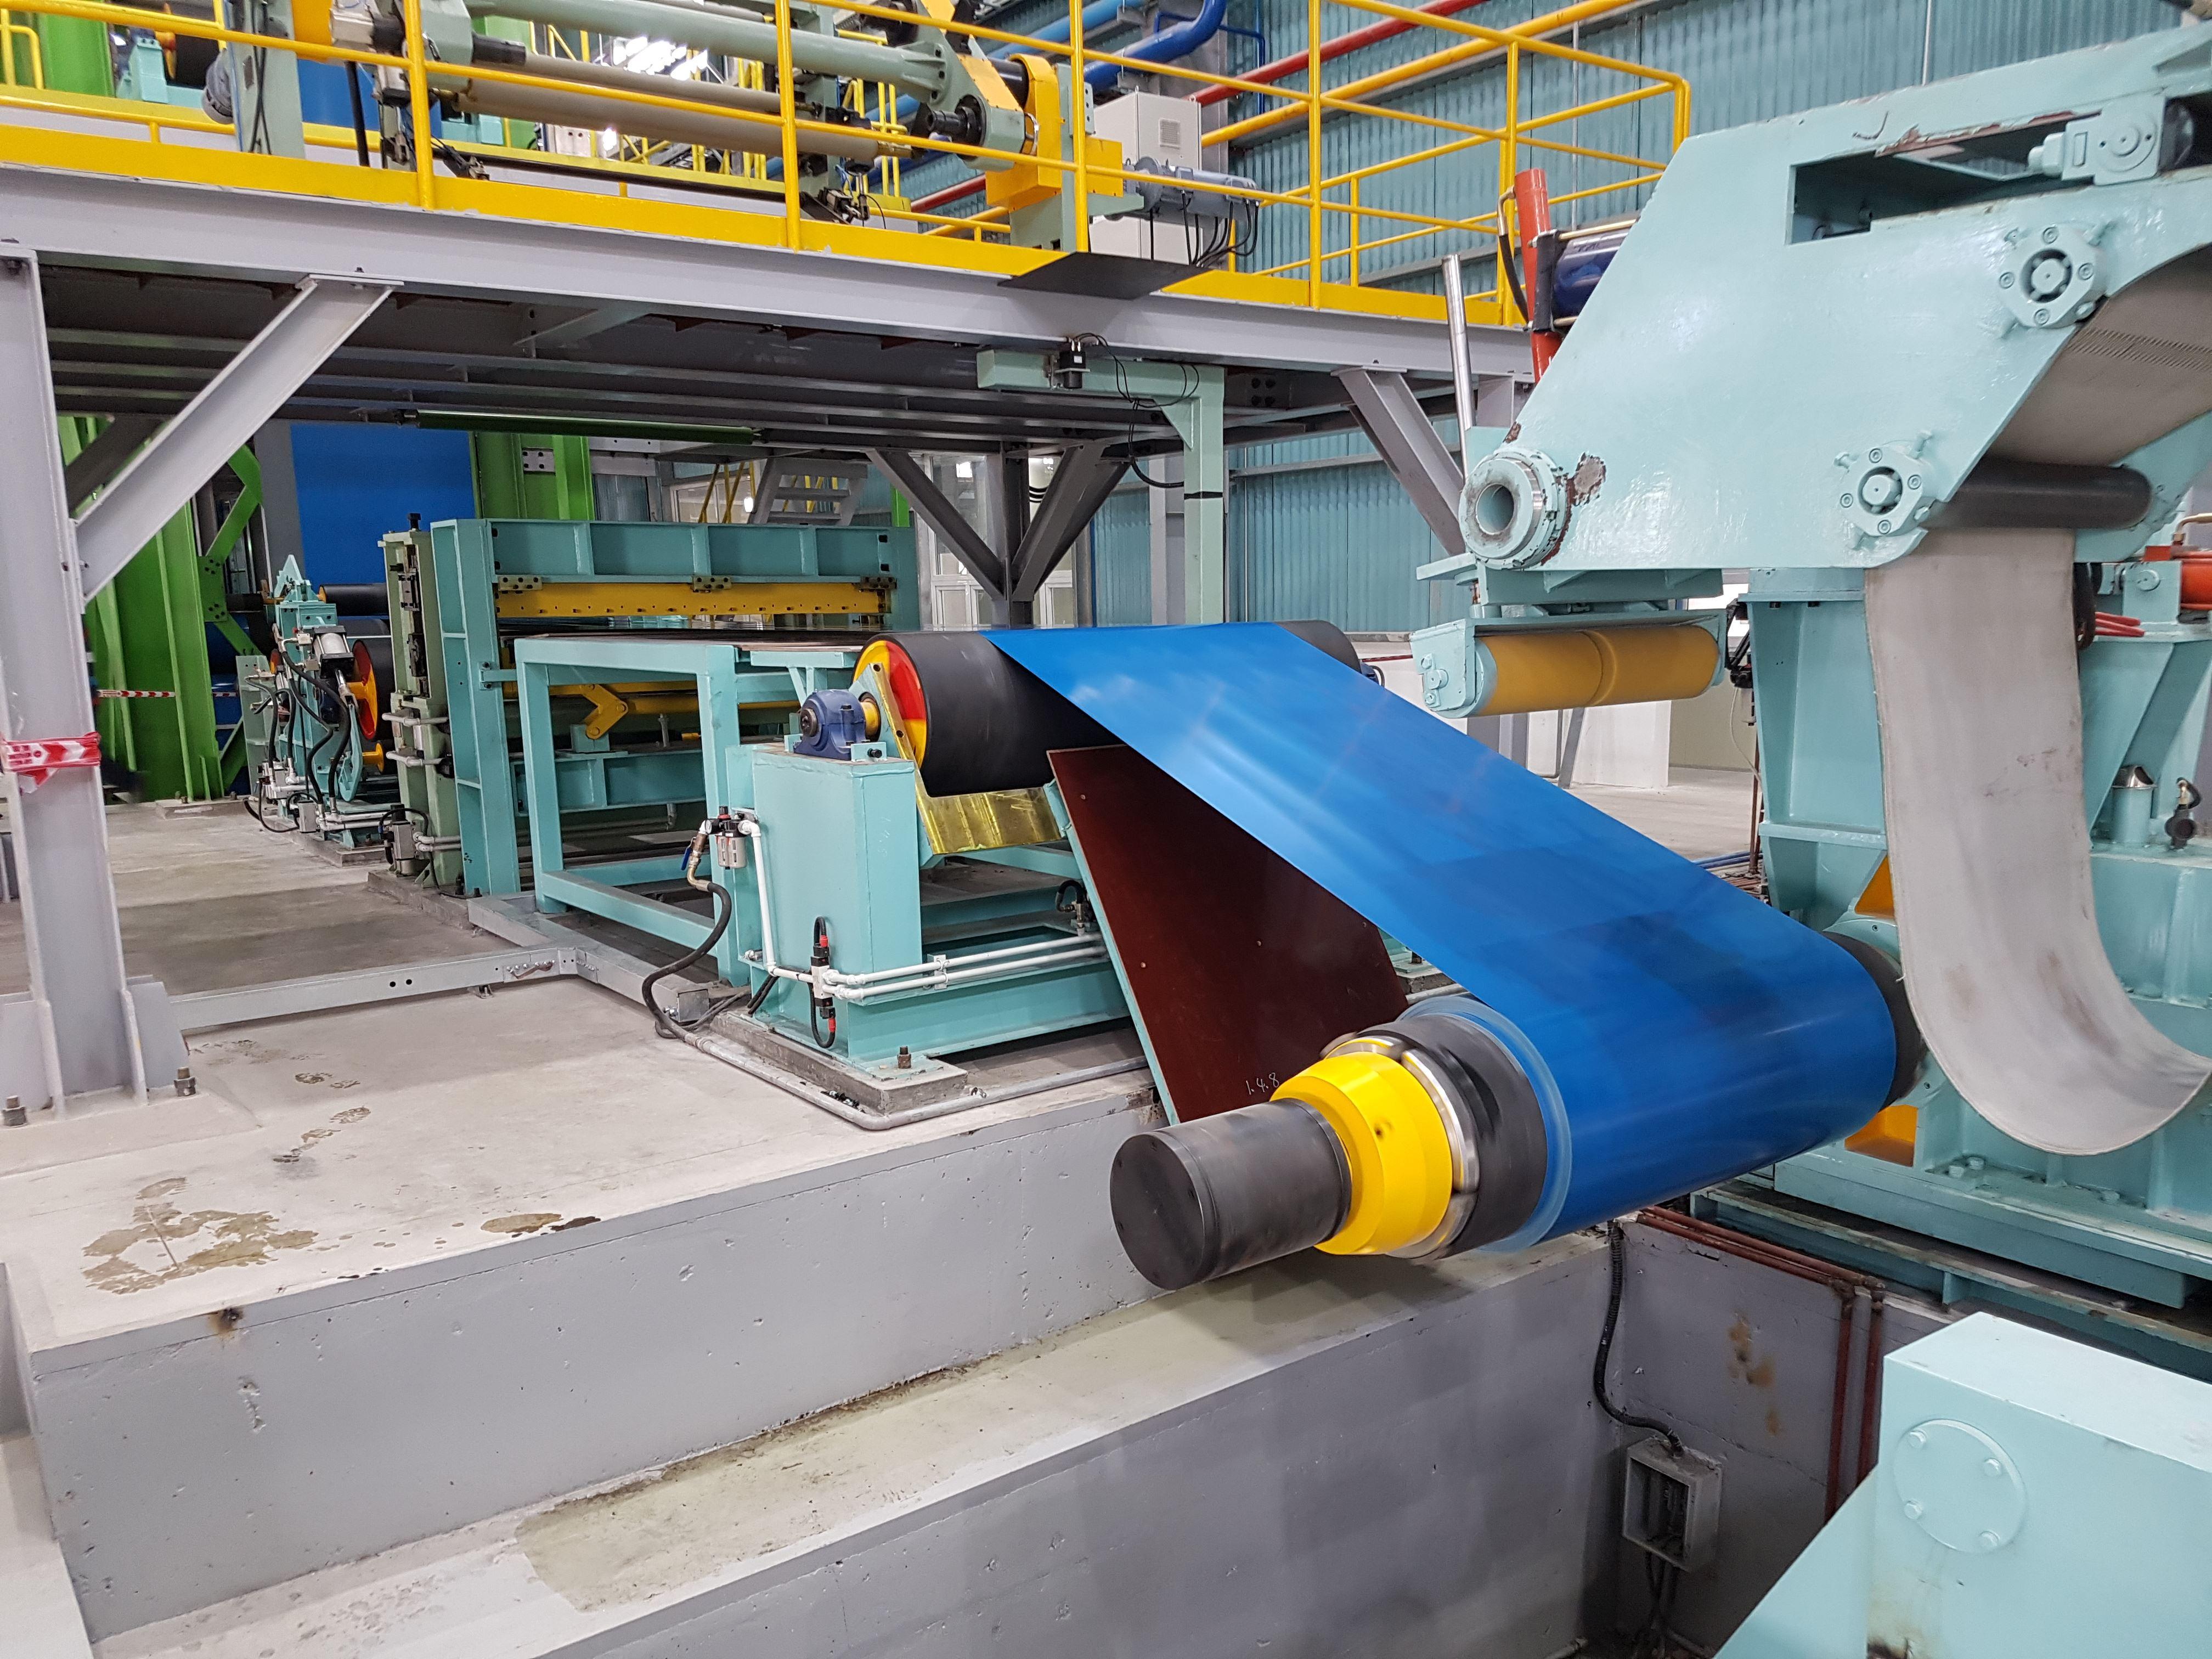 베트남 CCL(에스와이스틸비나) 시제품 생산 영상입니다.